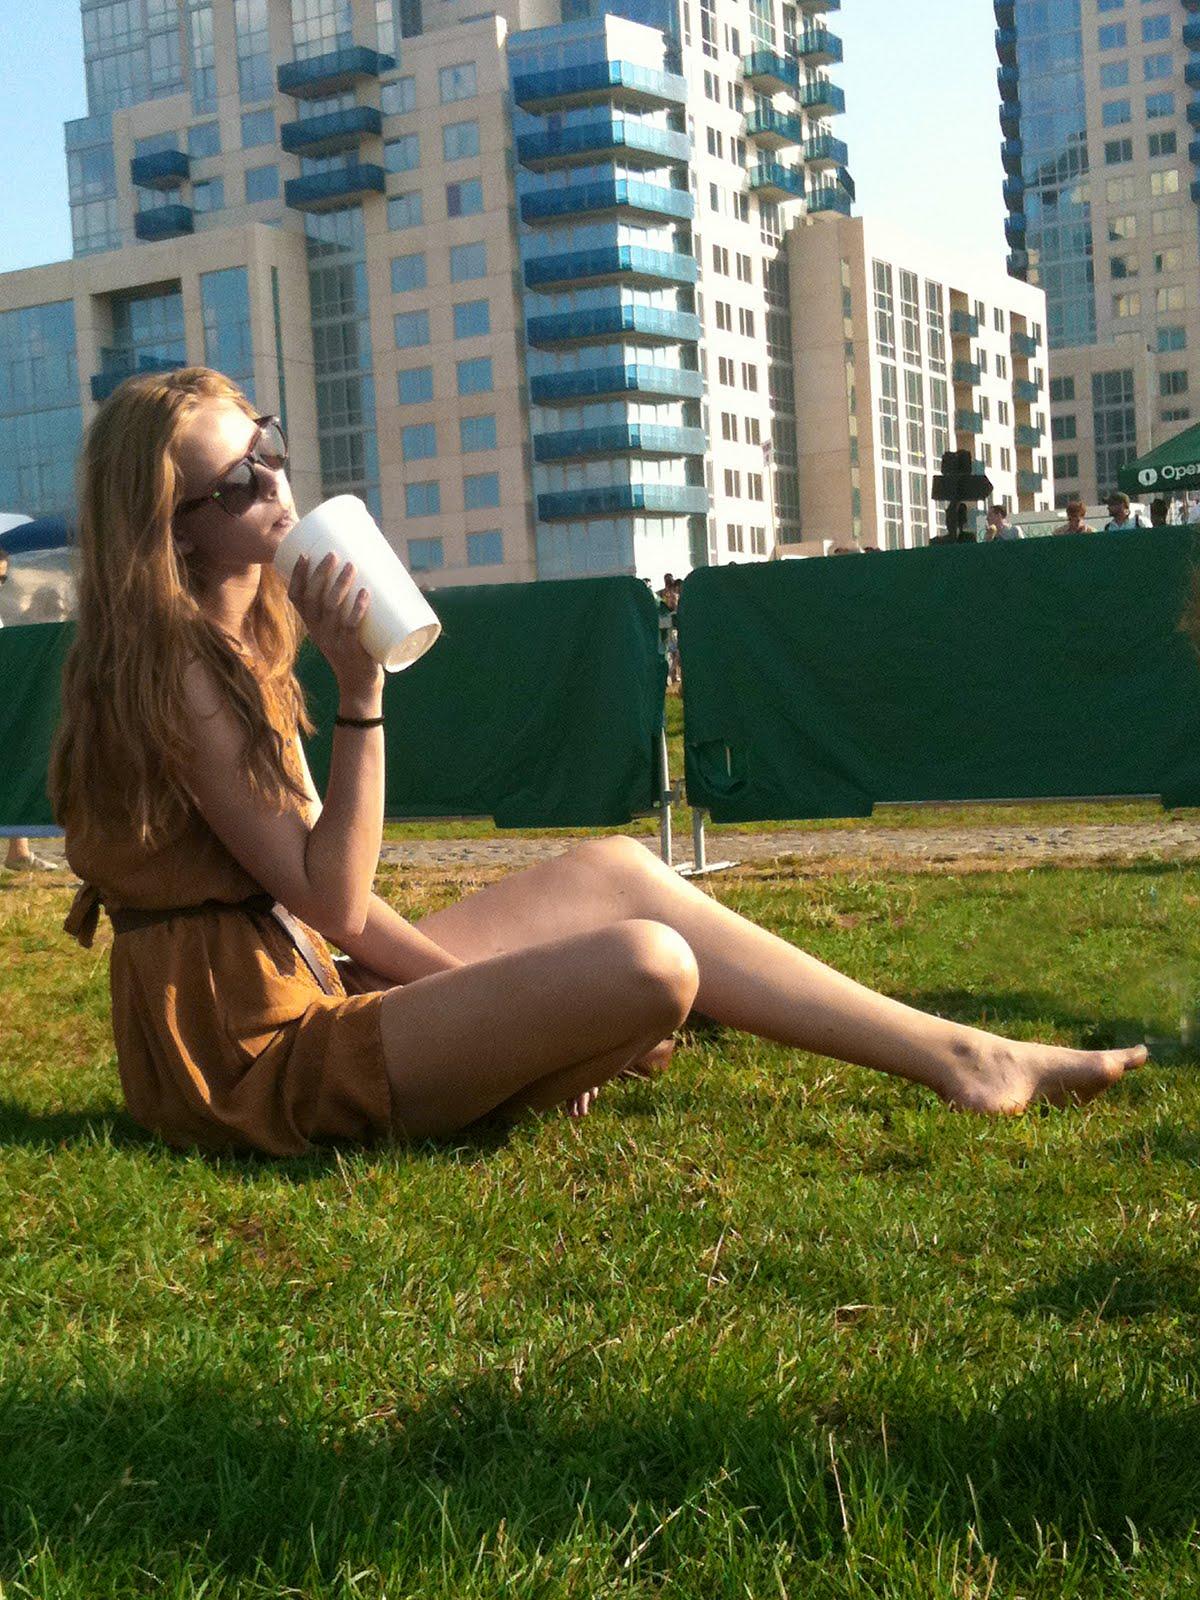 http://1.bp.blogspot.com/_pAW_MKG690E/TEOKv0J4mWI/AAAAAAAALPQ/NtXXbd1jmcc/s1600/photo.JPG